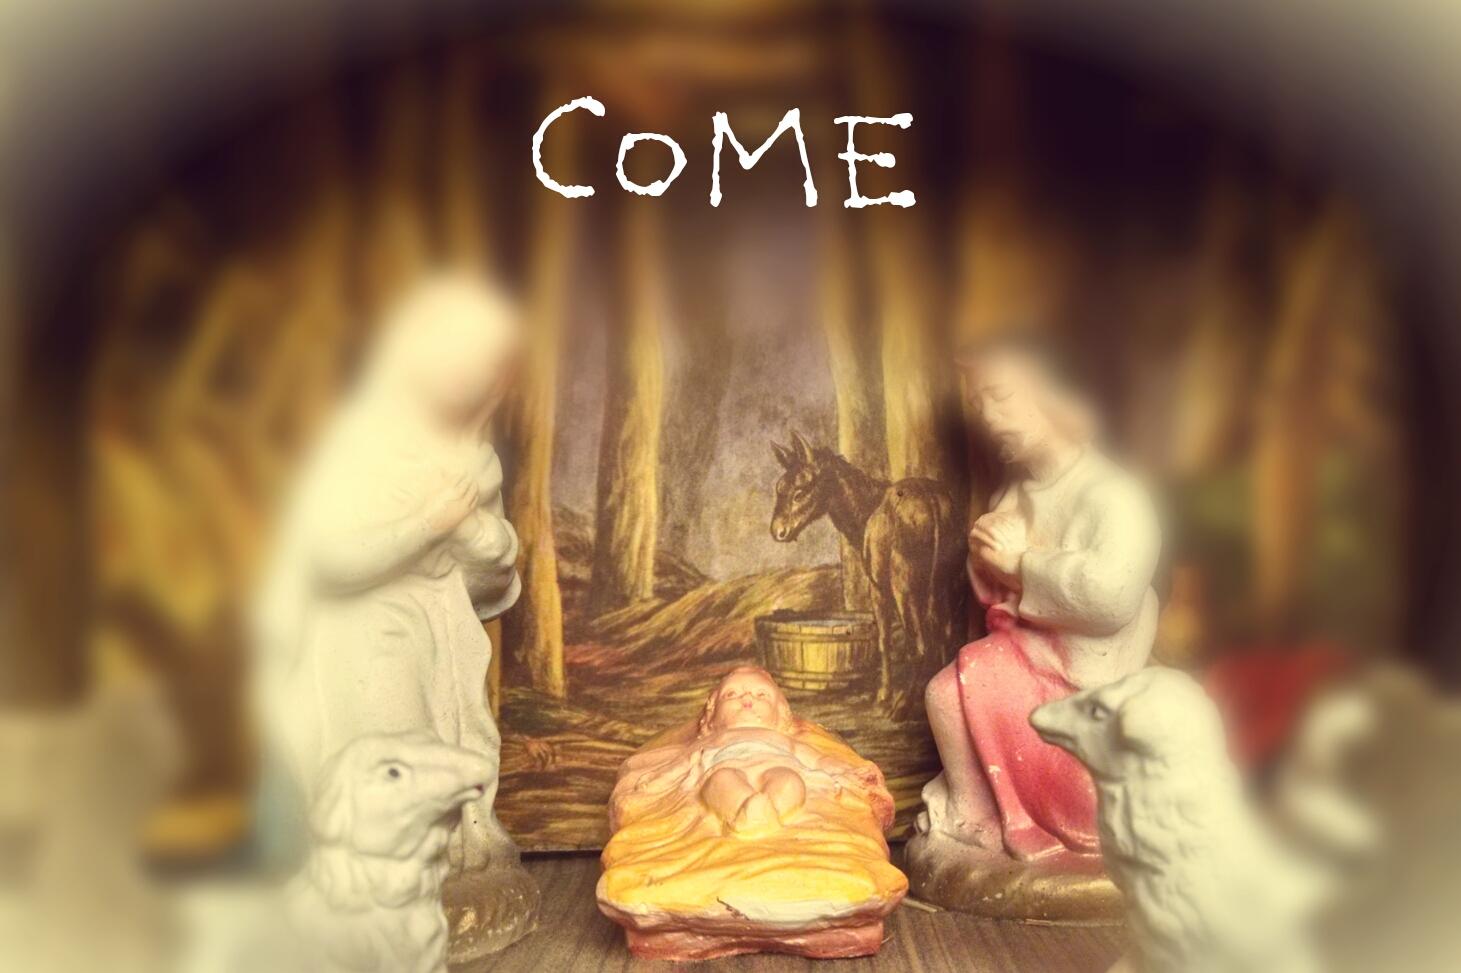 come.jpg